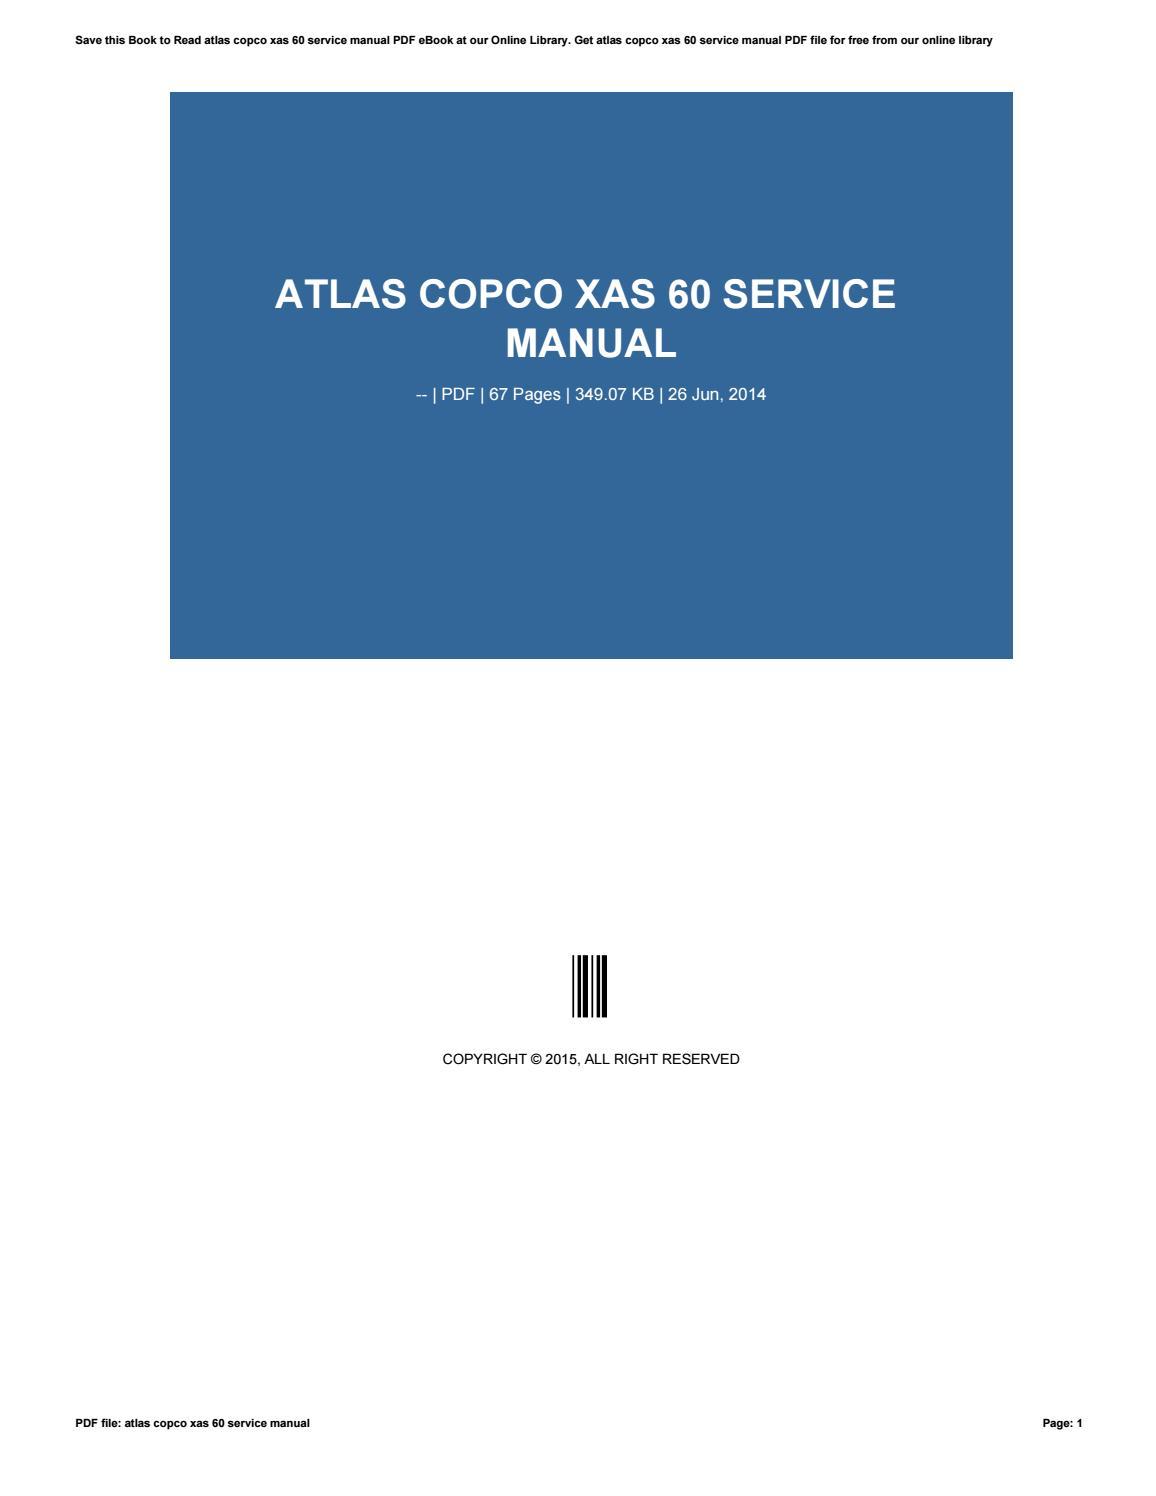 Atlas Copco Xas 60 Service Manual By Zhcne5